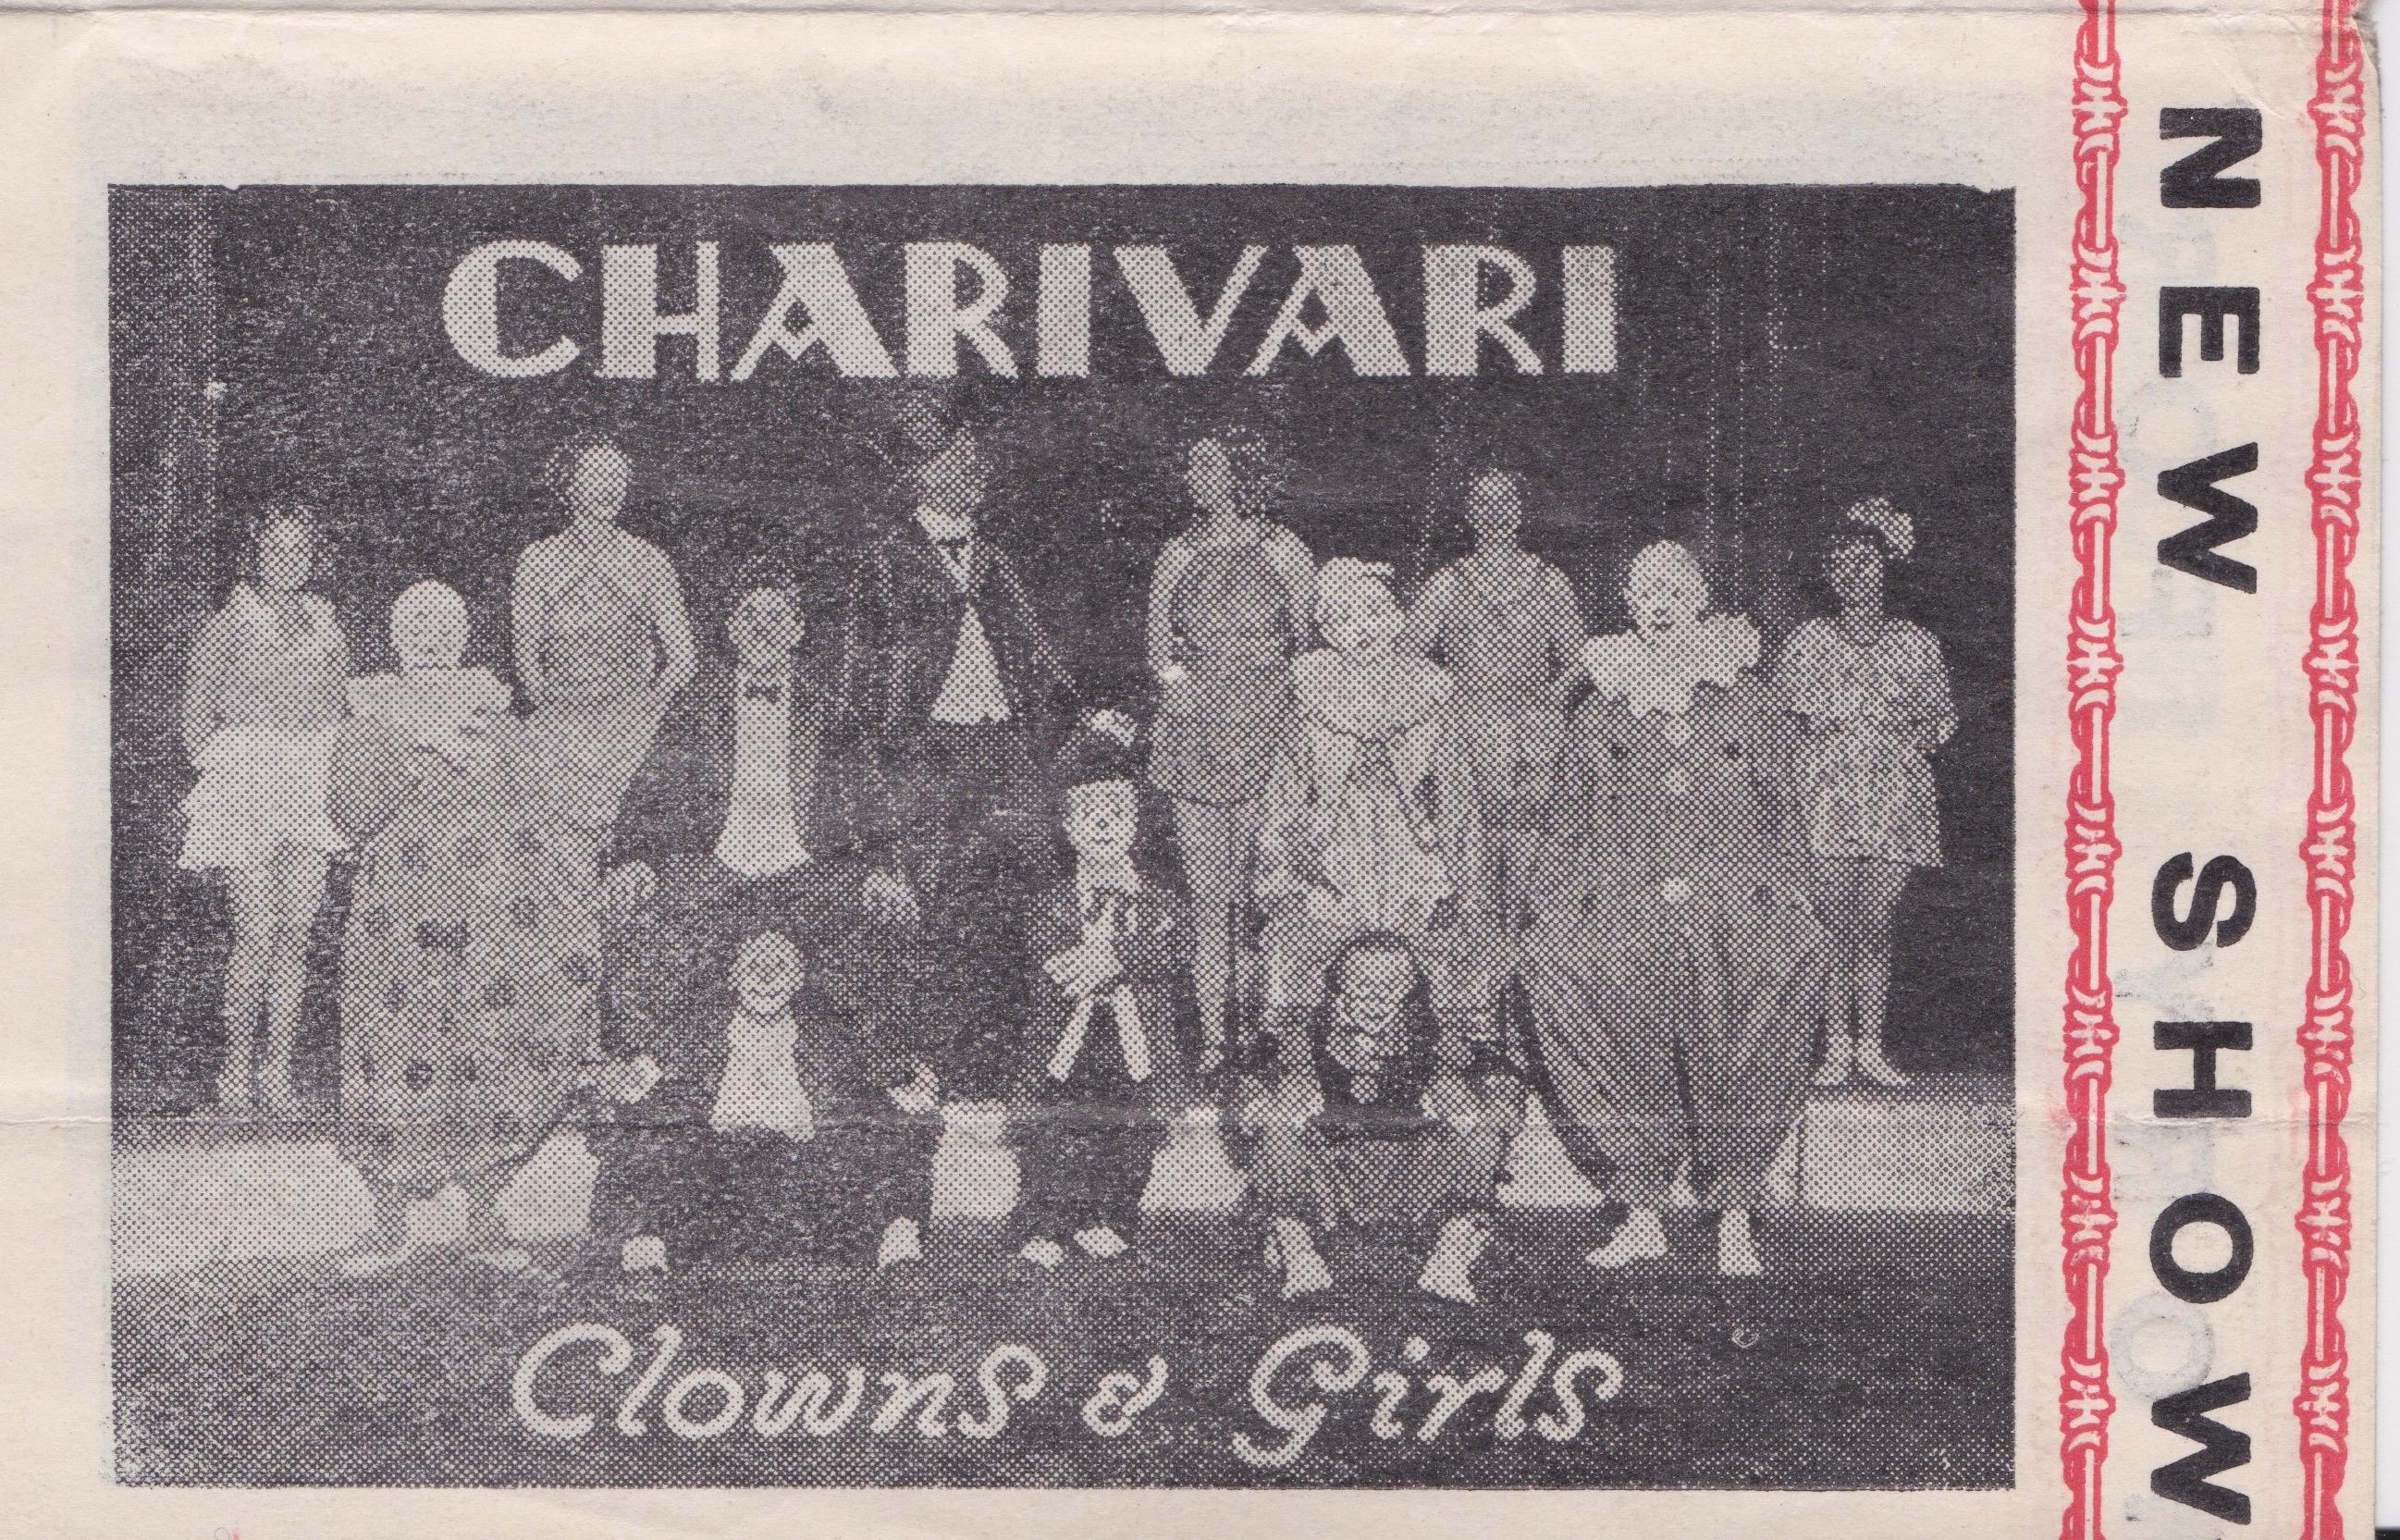 Gigantic Circus Charivari Clowns & Girls 28 January